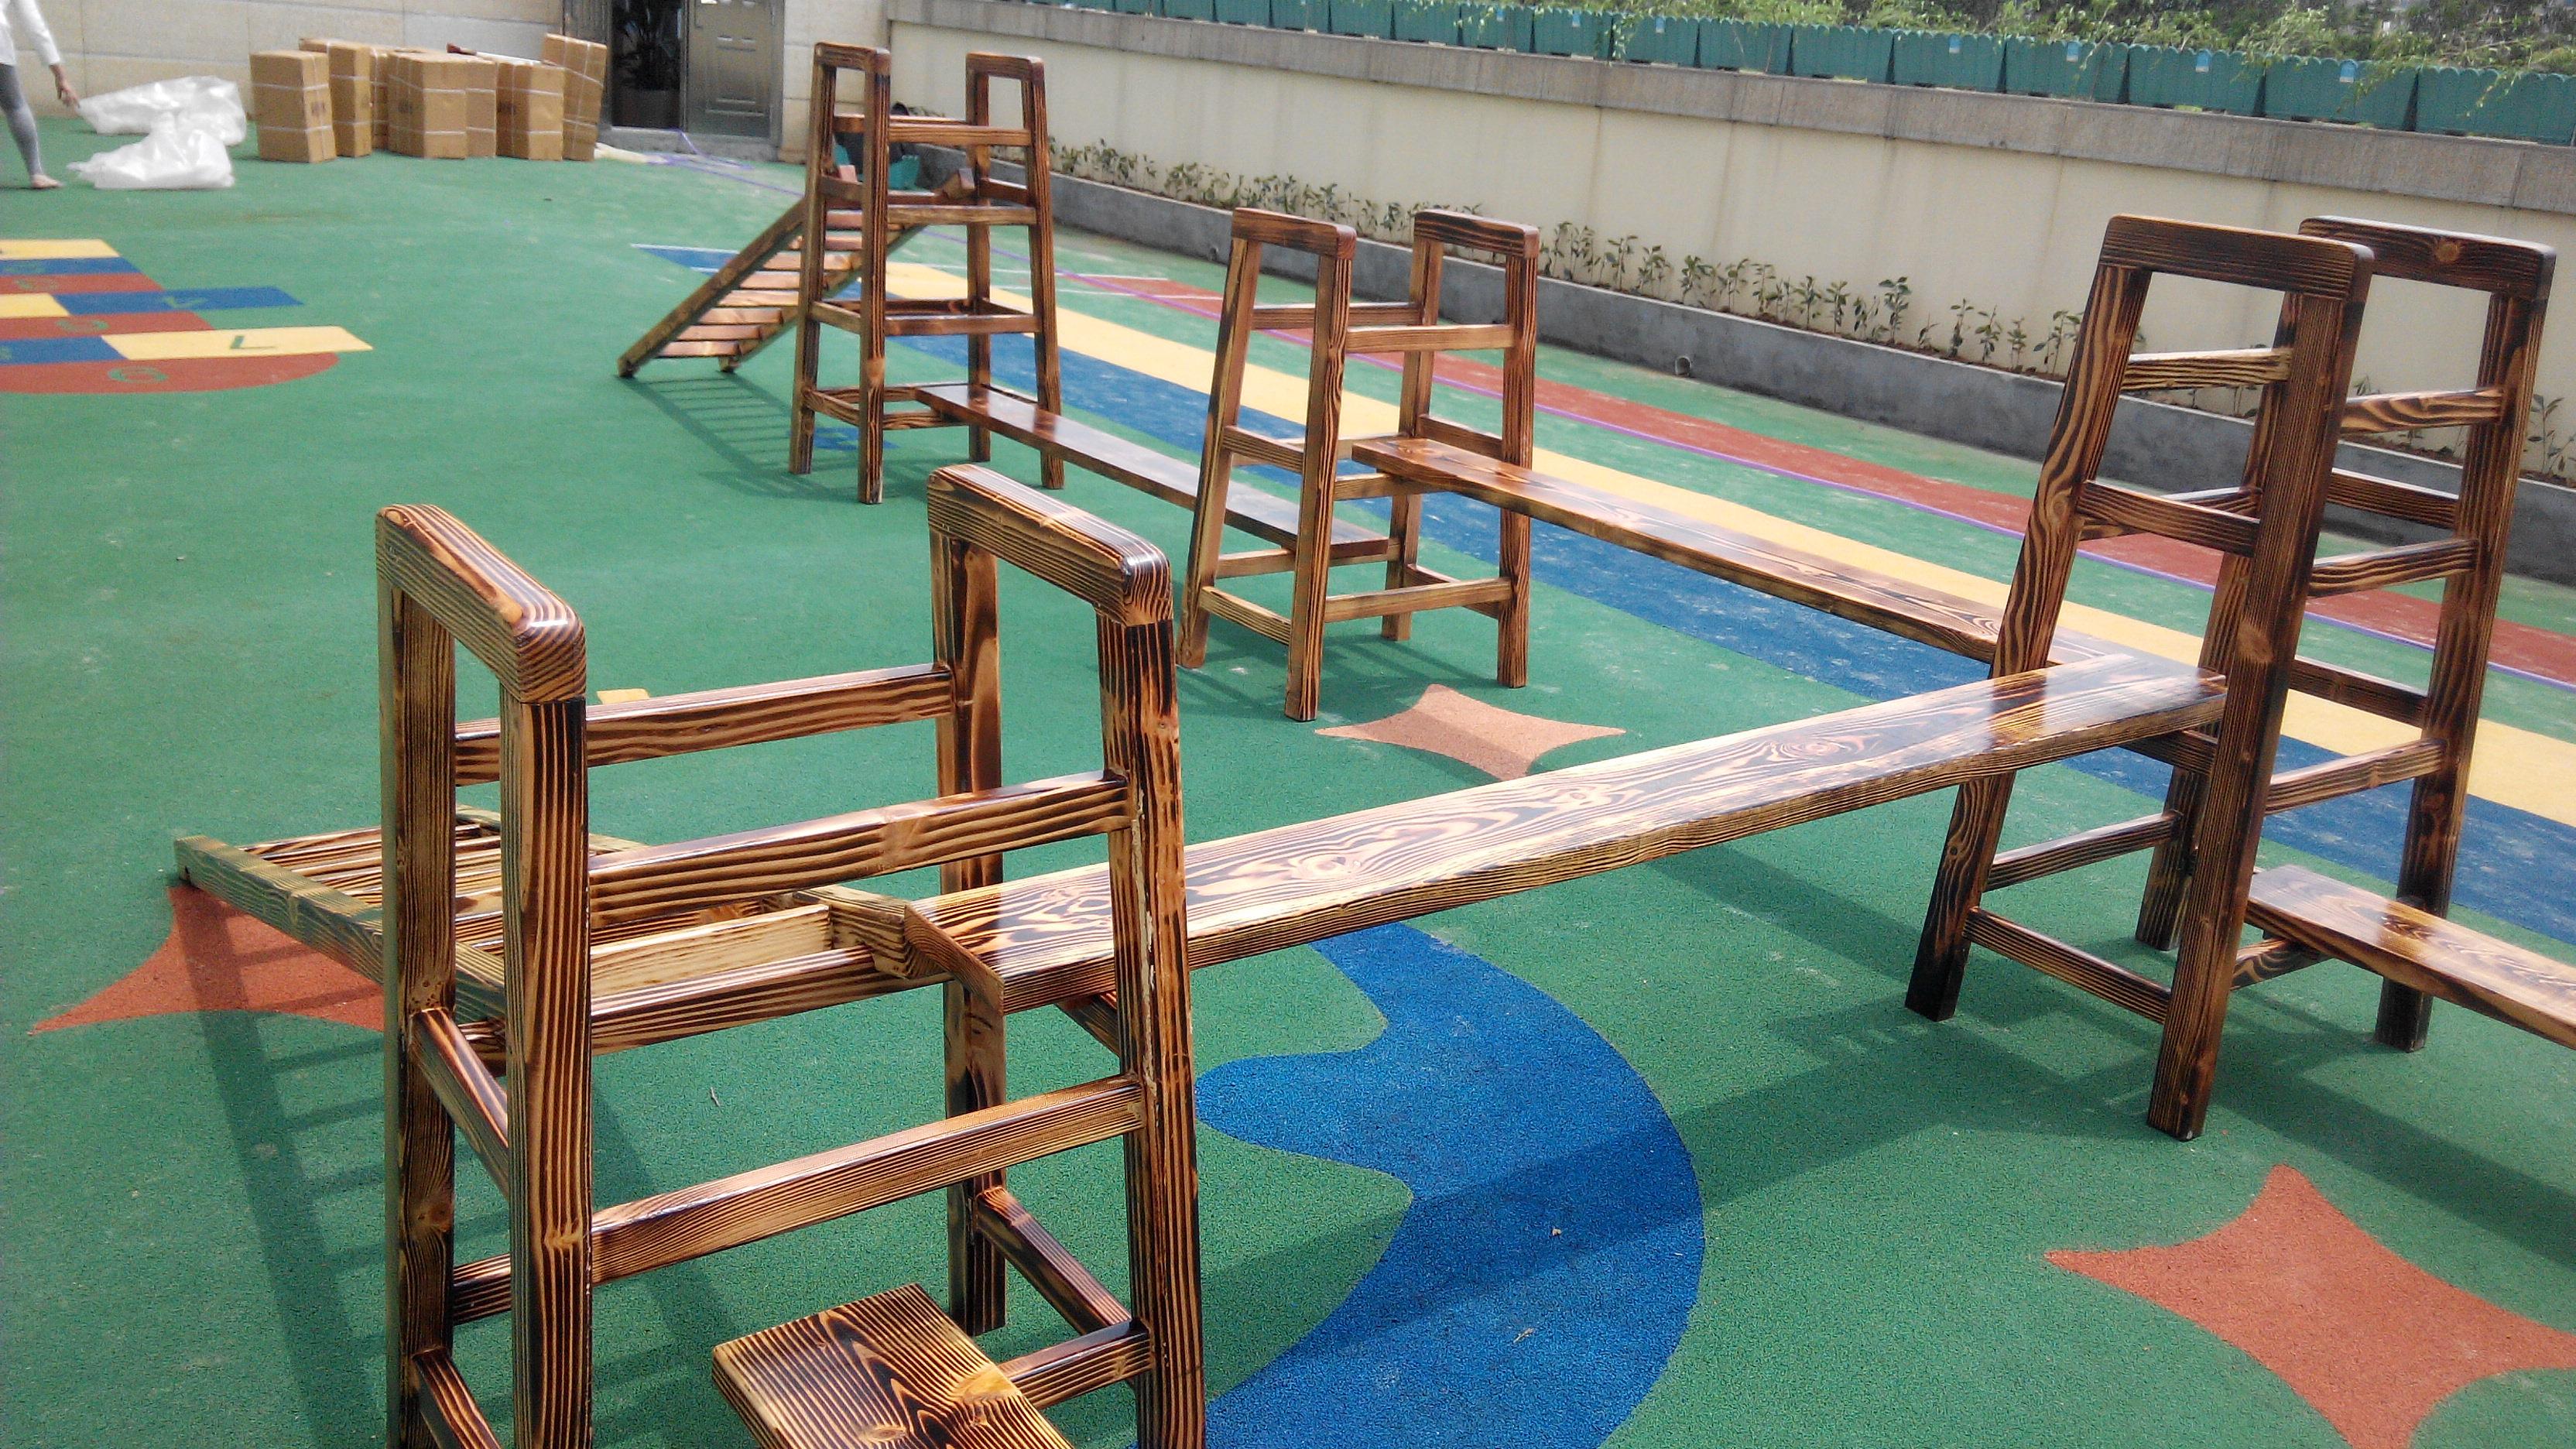 幼儿园玩具、幼儿园滑滑梯、积木